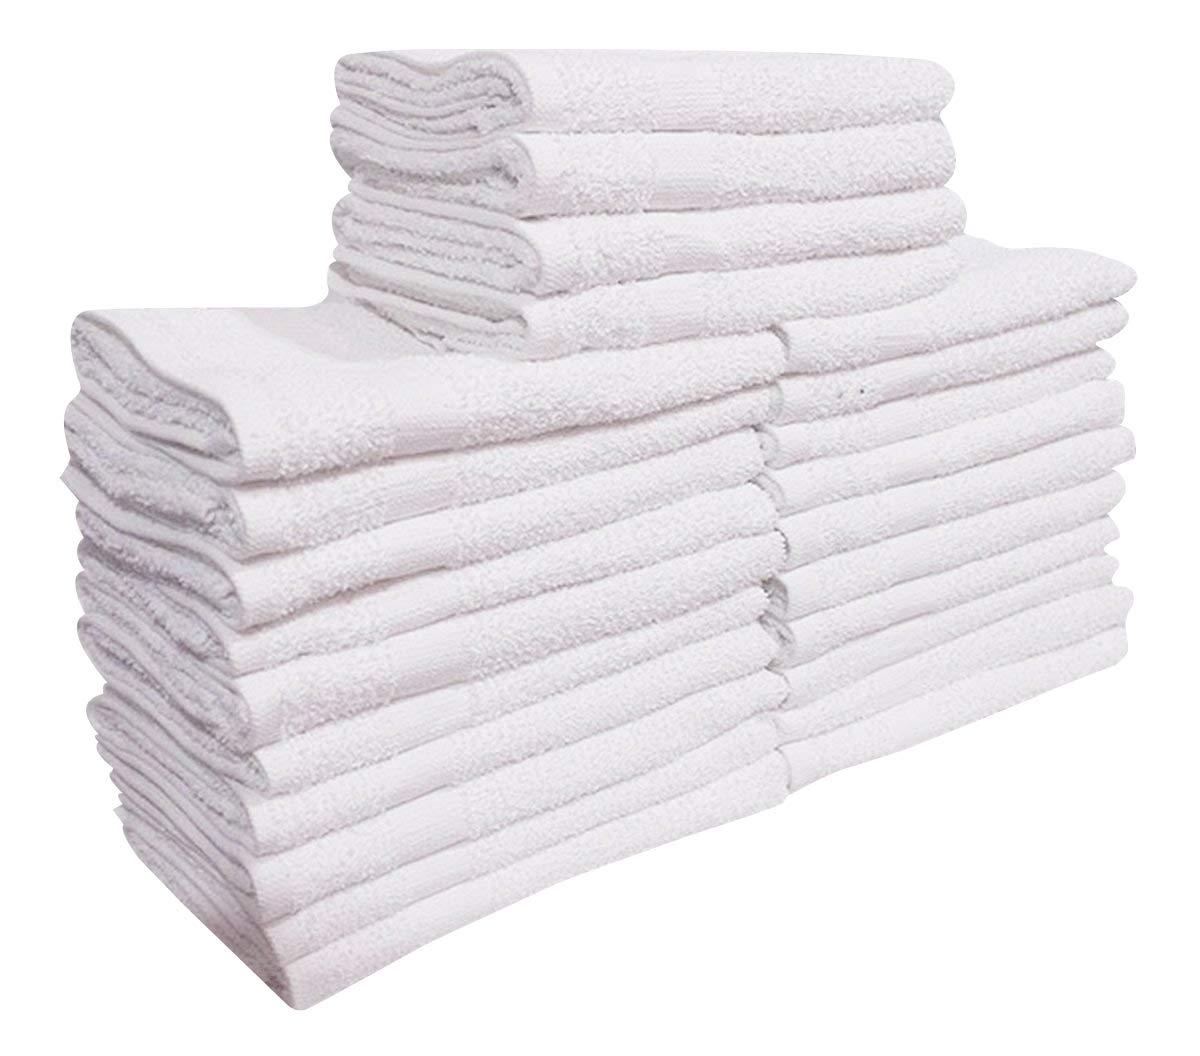 GOLD TEXTILES (5 Dozen) 60 Pcs New White (16''X27'') 100% Cotton Salon-Towels Gym-Towel Hand-Towel